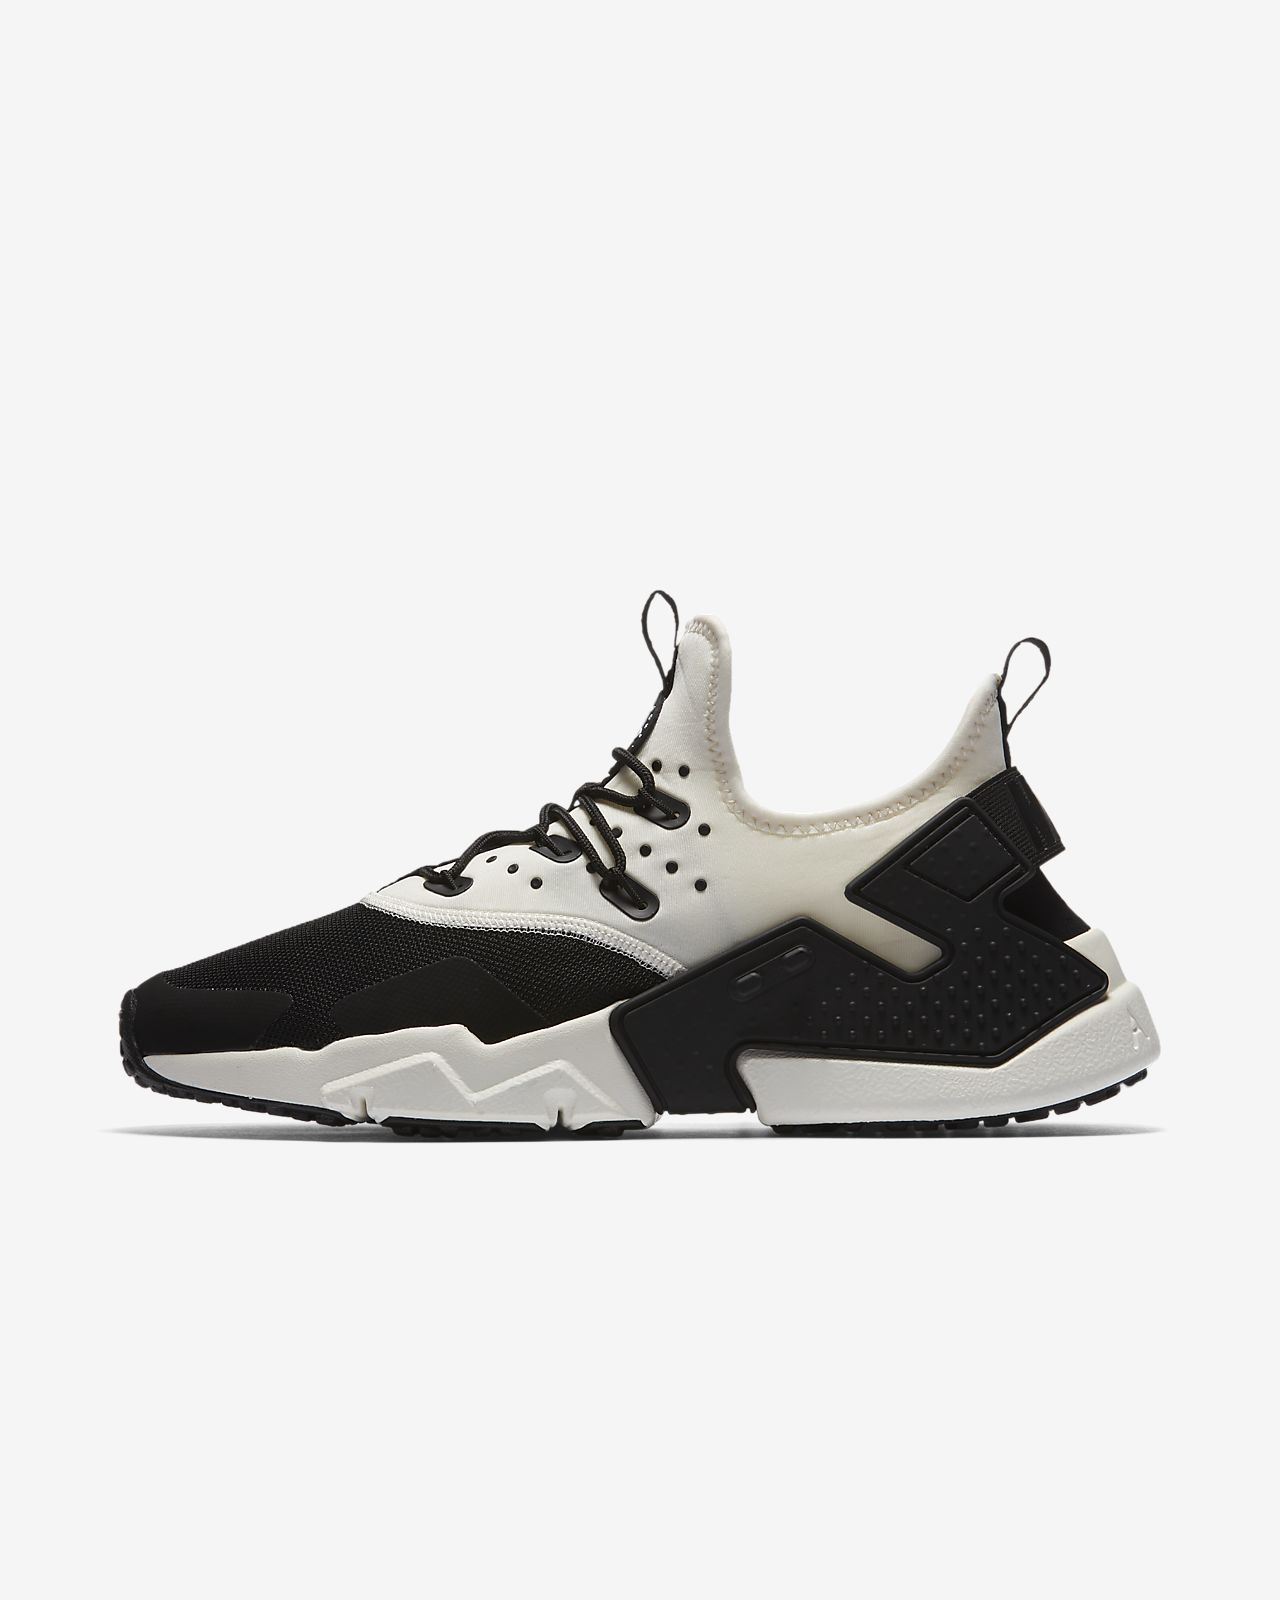 premium selection 813a0 01863 Chaussure Nike Air Huarache Drift pour Homme ...